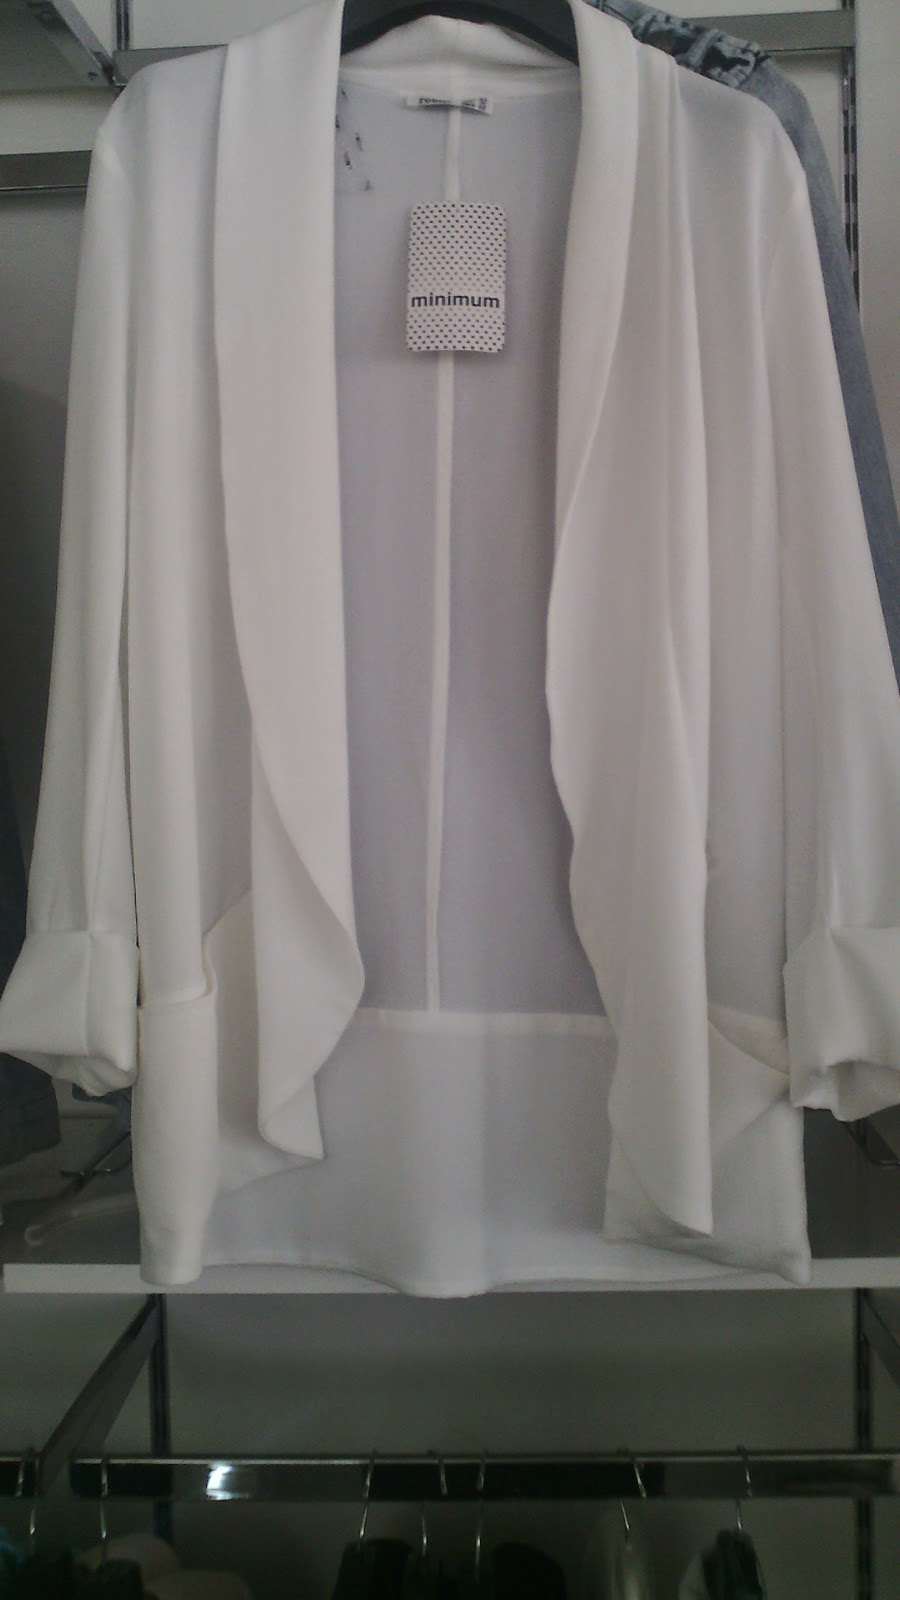 dökümlü bayan giyim ürünleri üst imalat firması